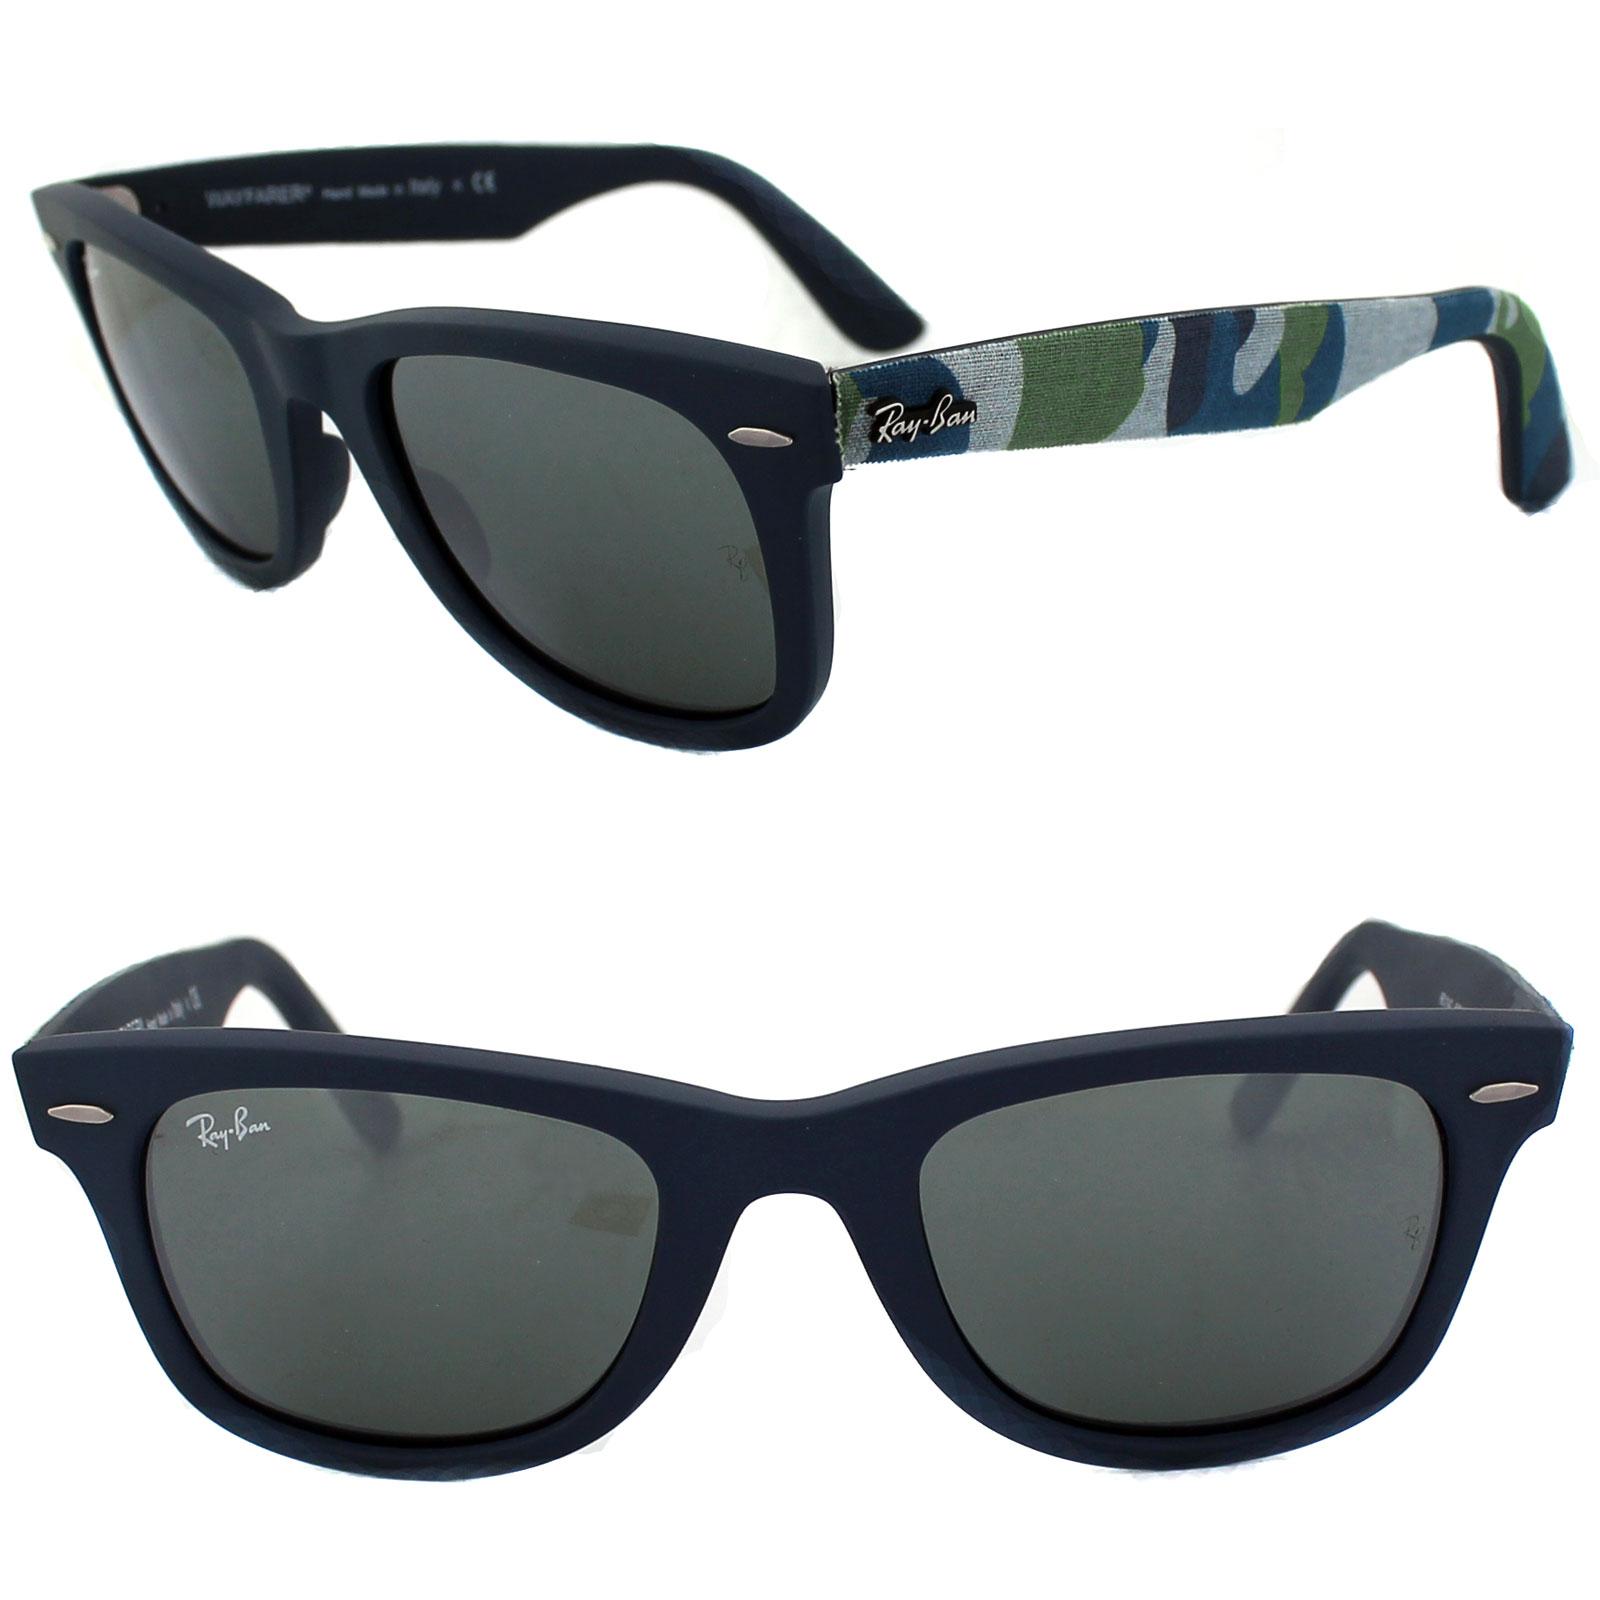 Ray ban occhiali da sole wayfarer 2140 606140 mimetico - Ray ban a specchio blu ...